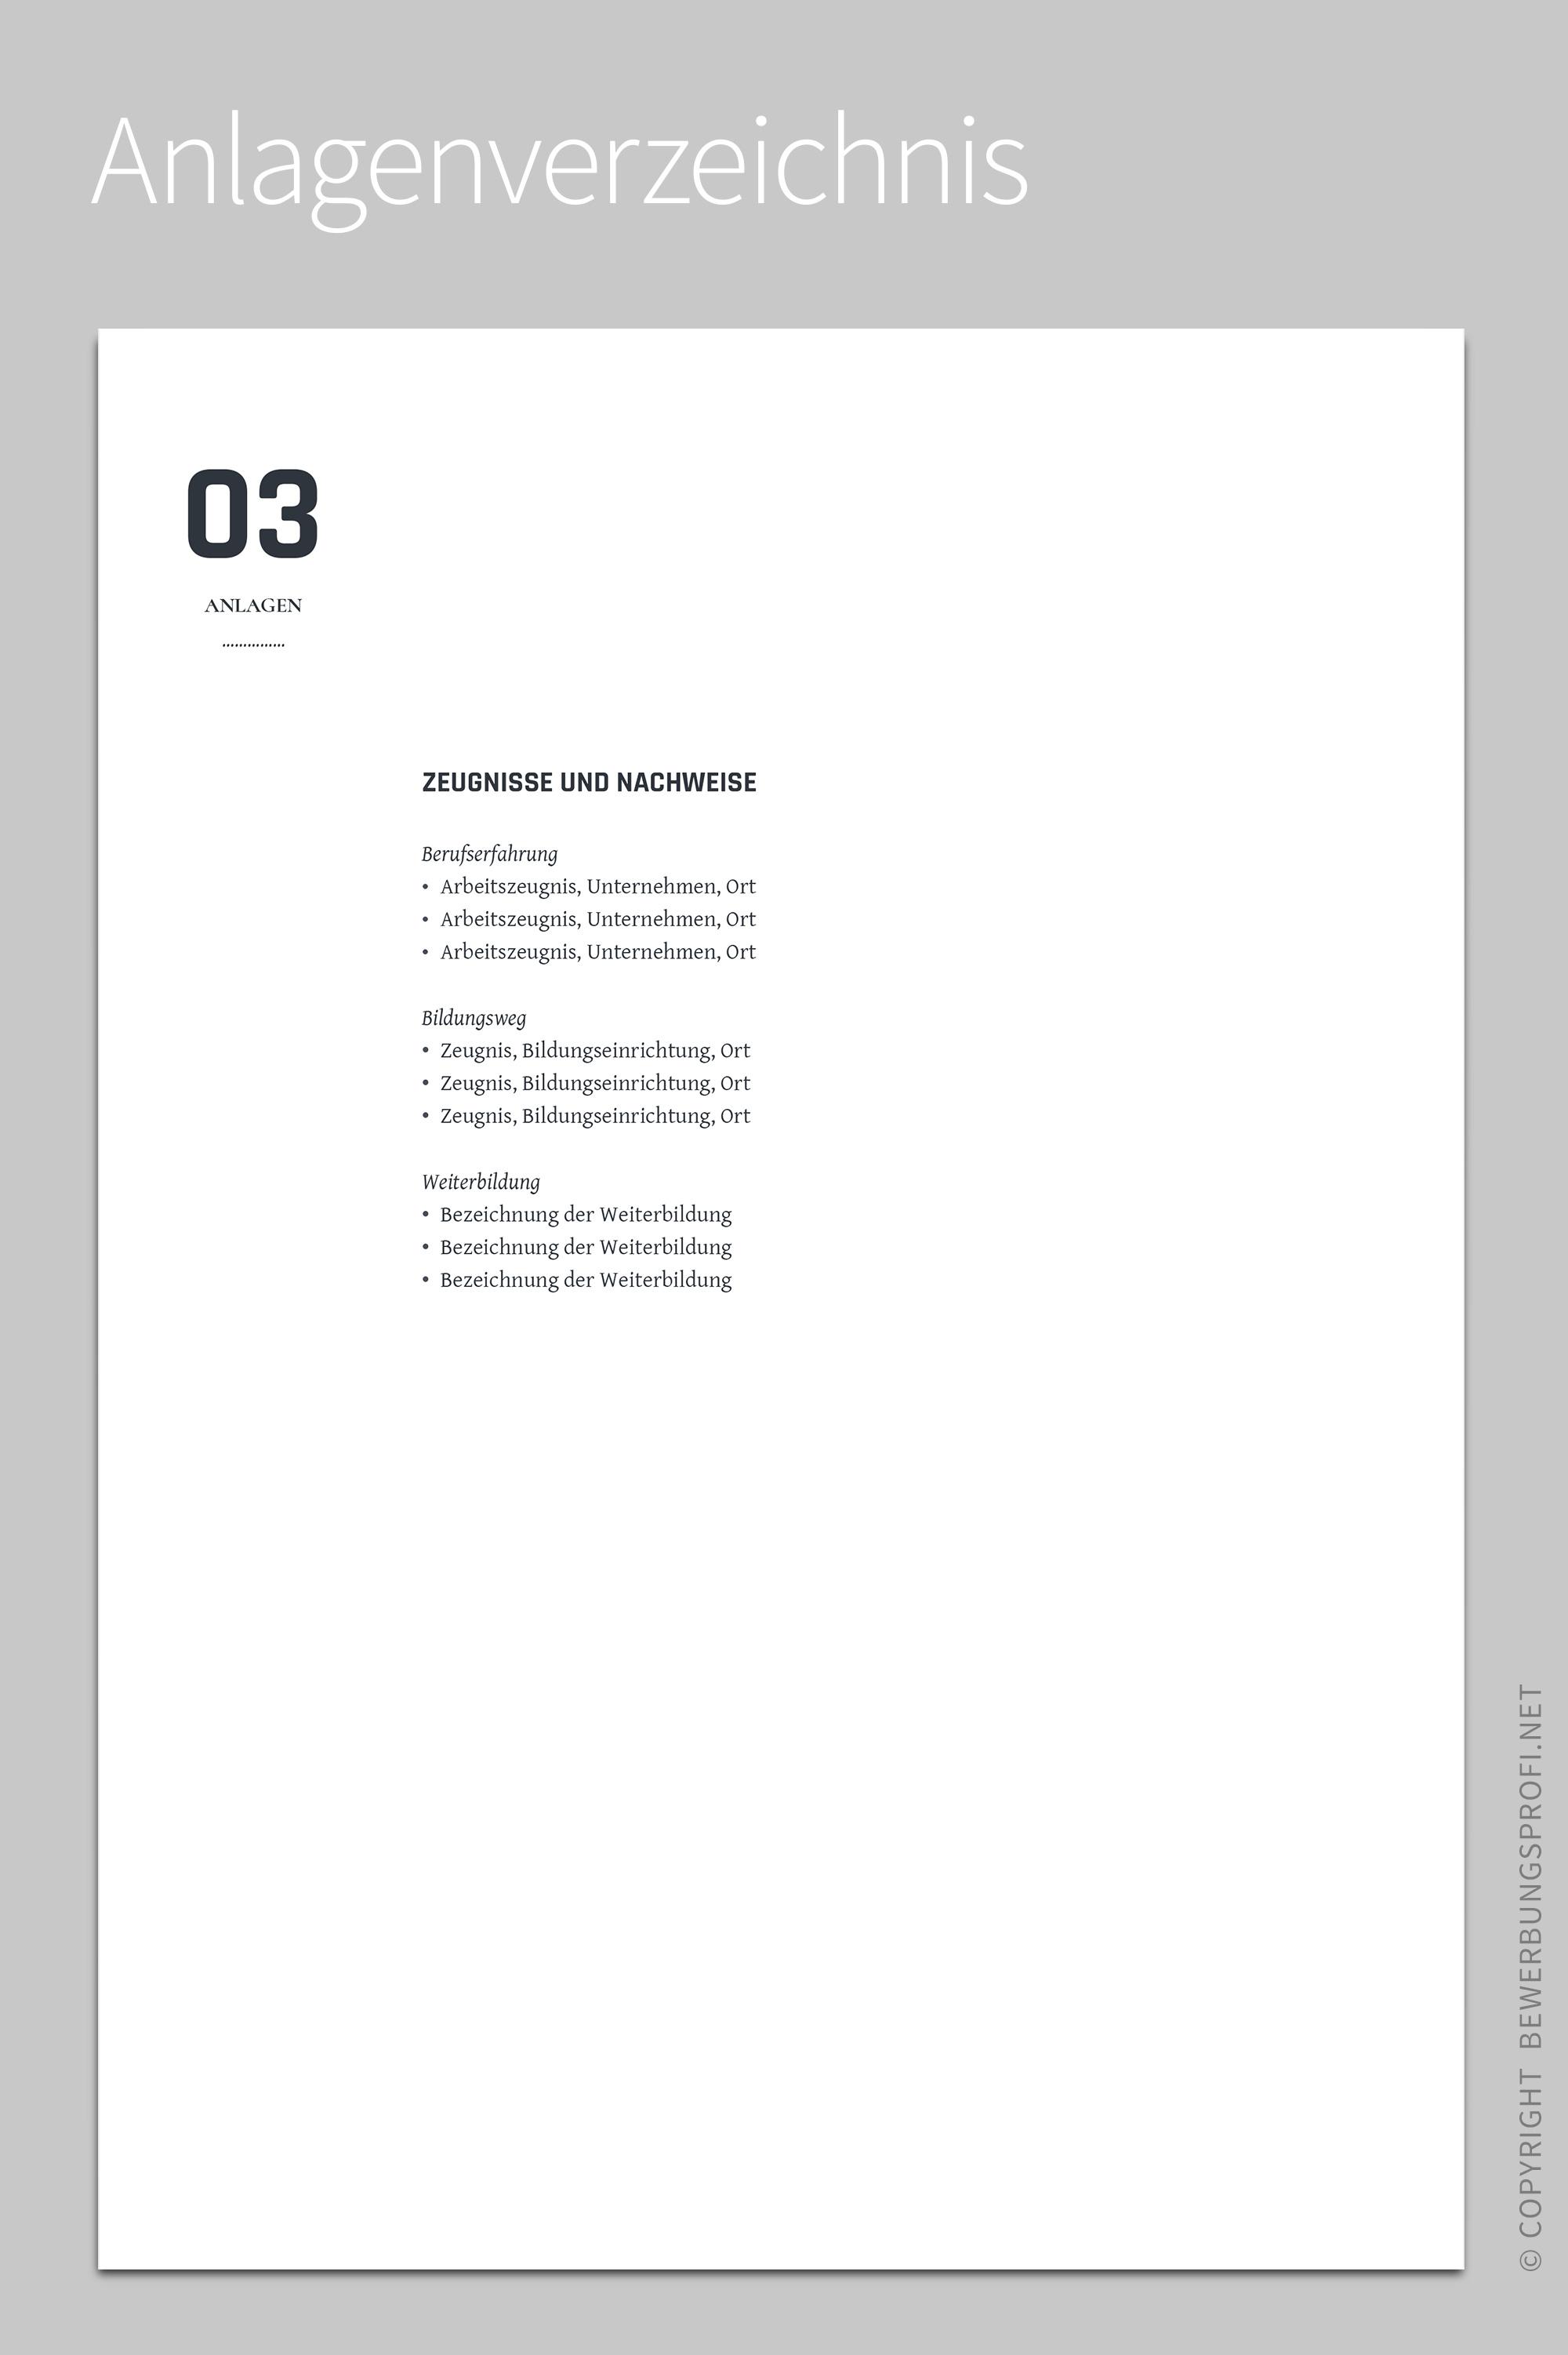 Anlagenverzeichnis Onorio